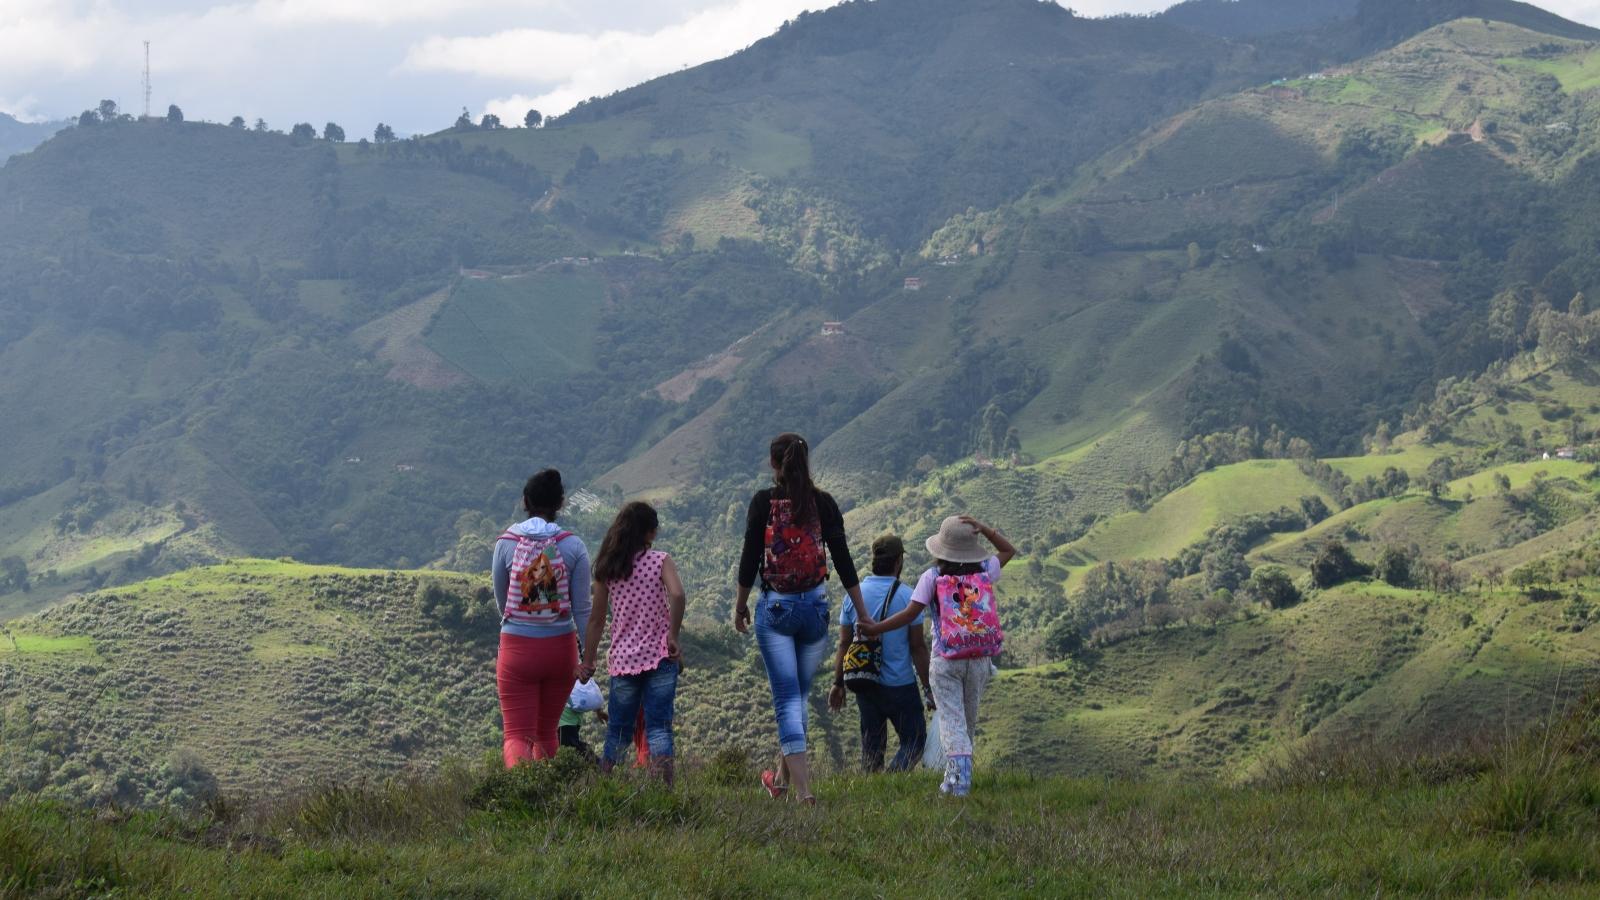 Joven antioqueña hablará por los derechos ambientales en la ONU